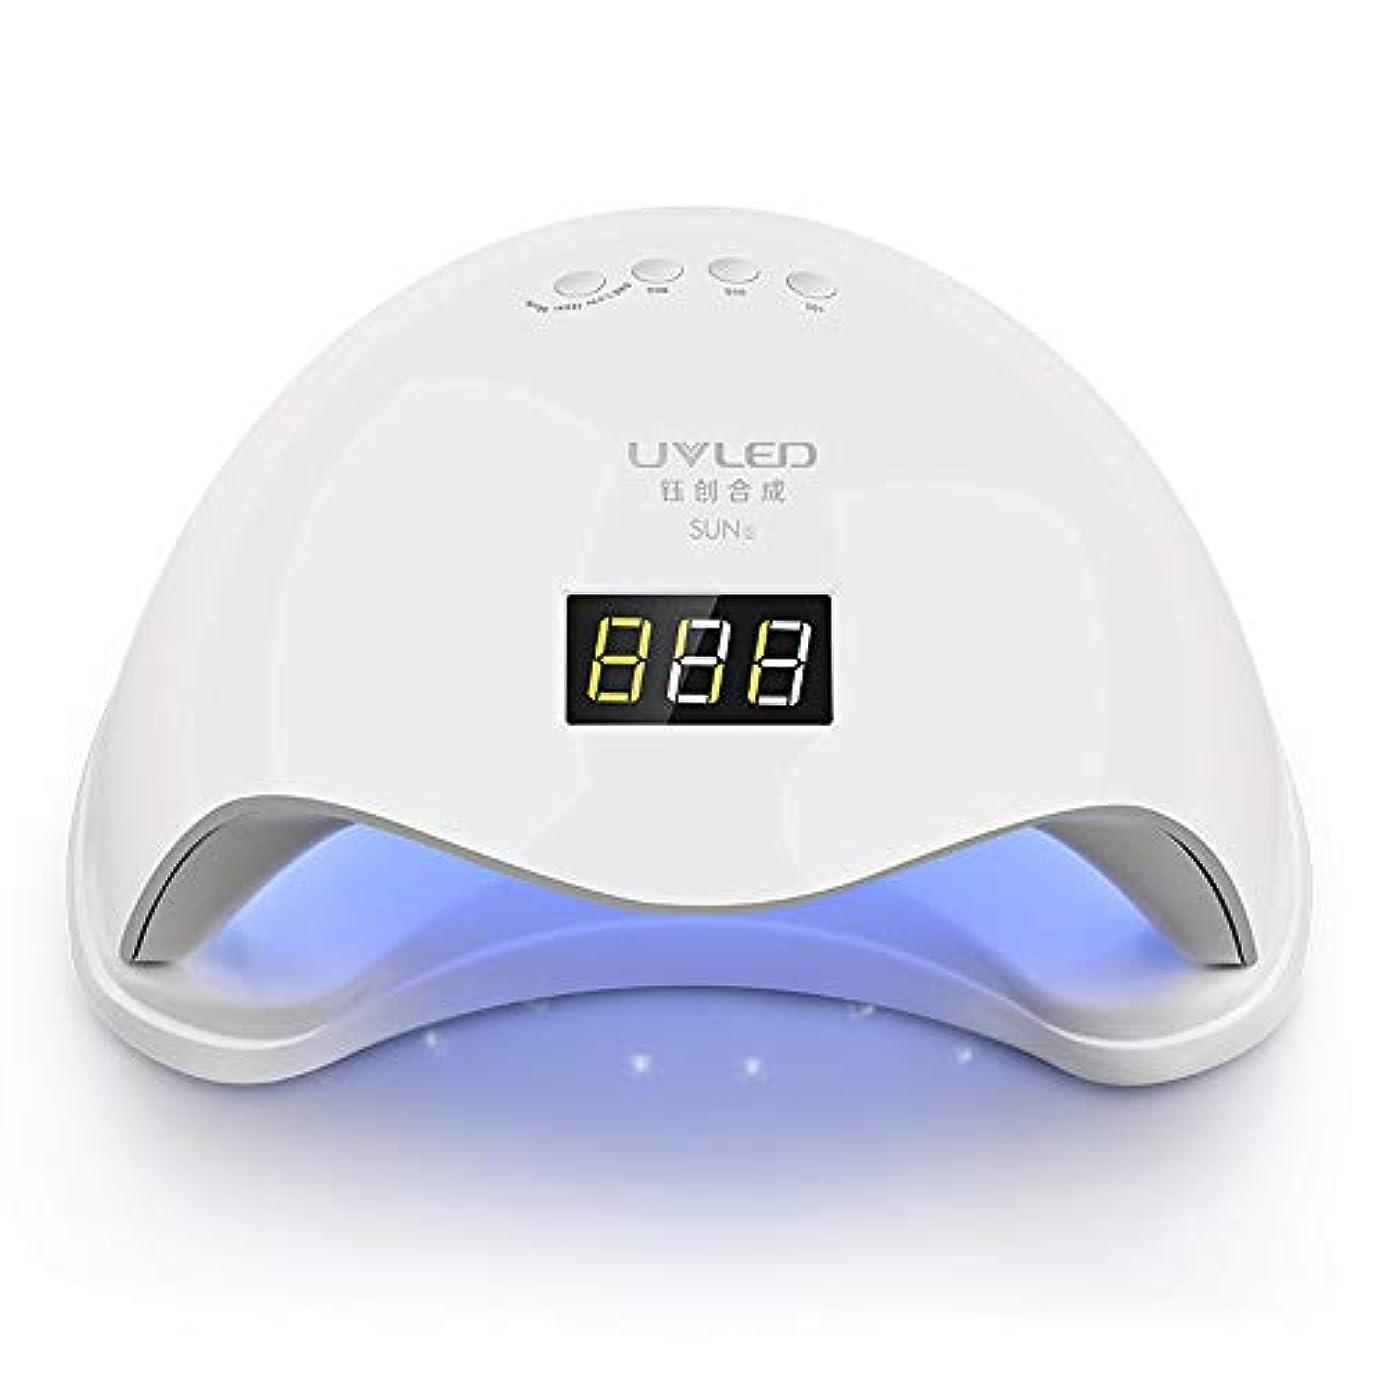 あいにく醸造所ミュージカルネイル光線療法マシン - LEDライトクイックドライ誘導光線療法ライト、10秒/ 30秒/ 60秒/ 99秒時限付きネイルドライヤー - 48w / 10秒高速乾燥/ 36光ビーズ